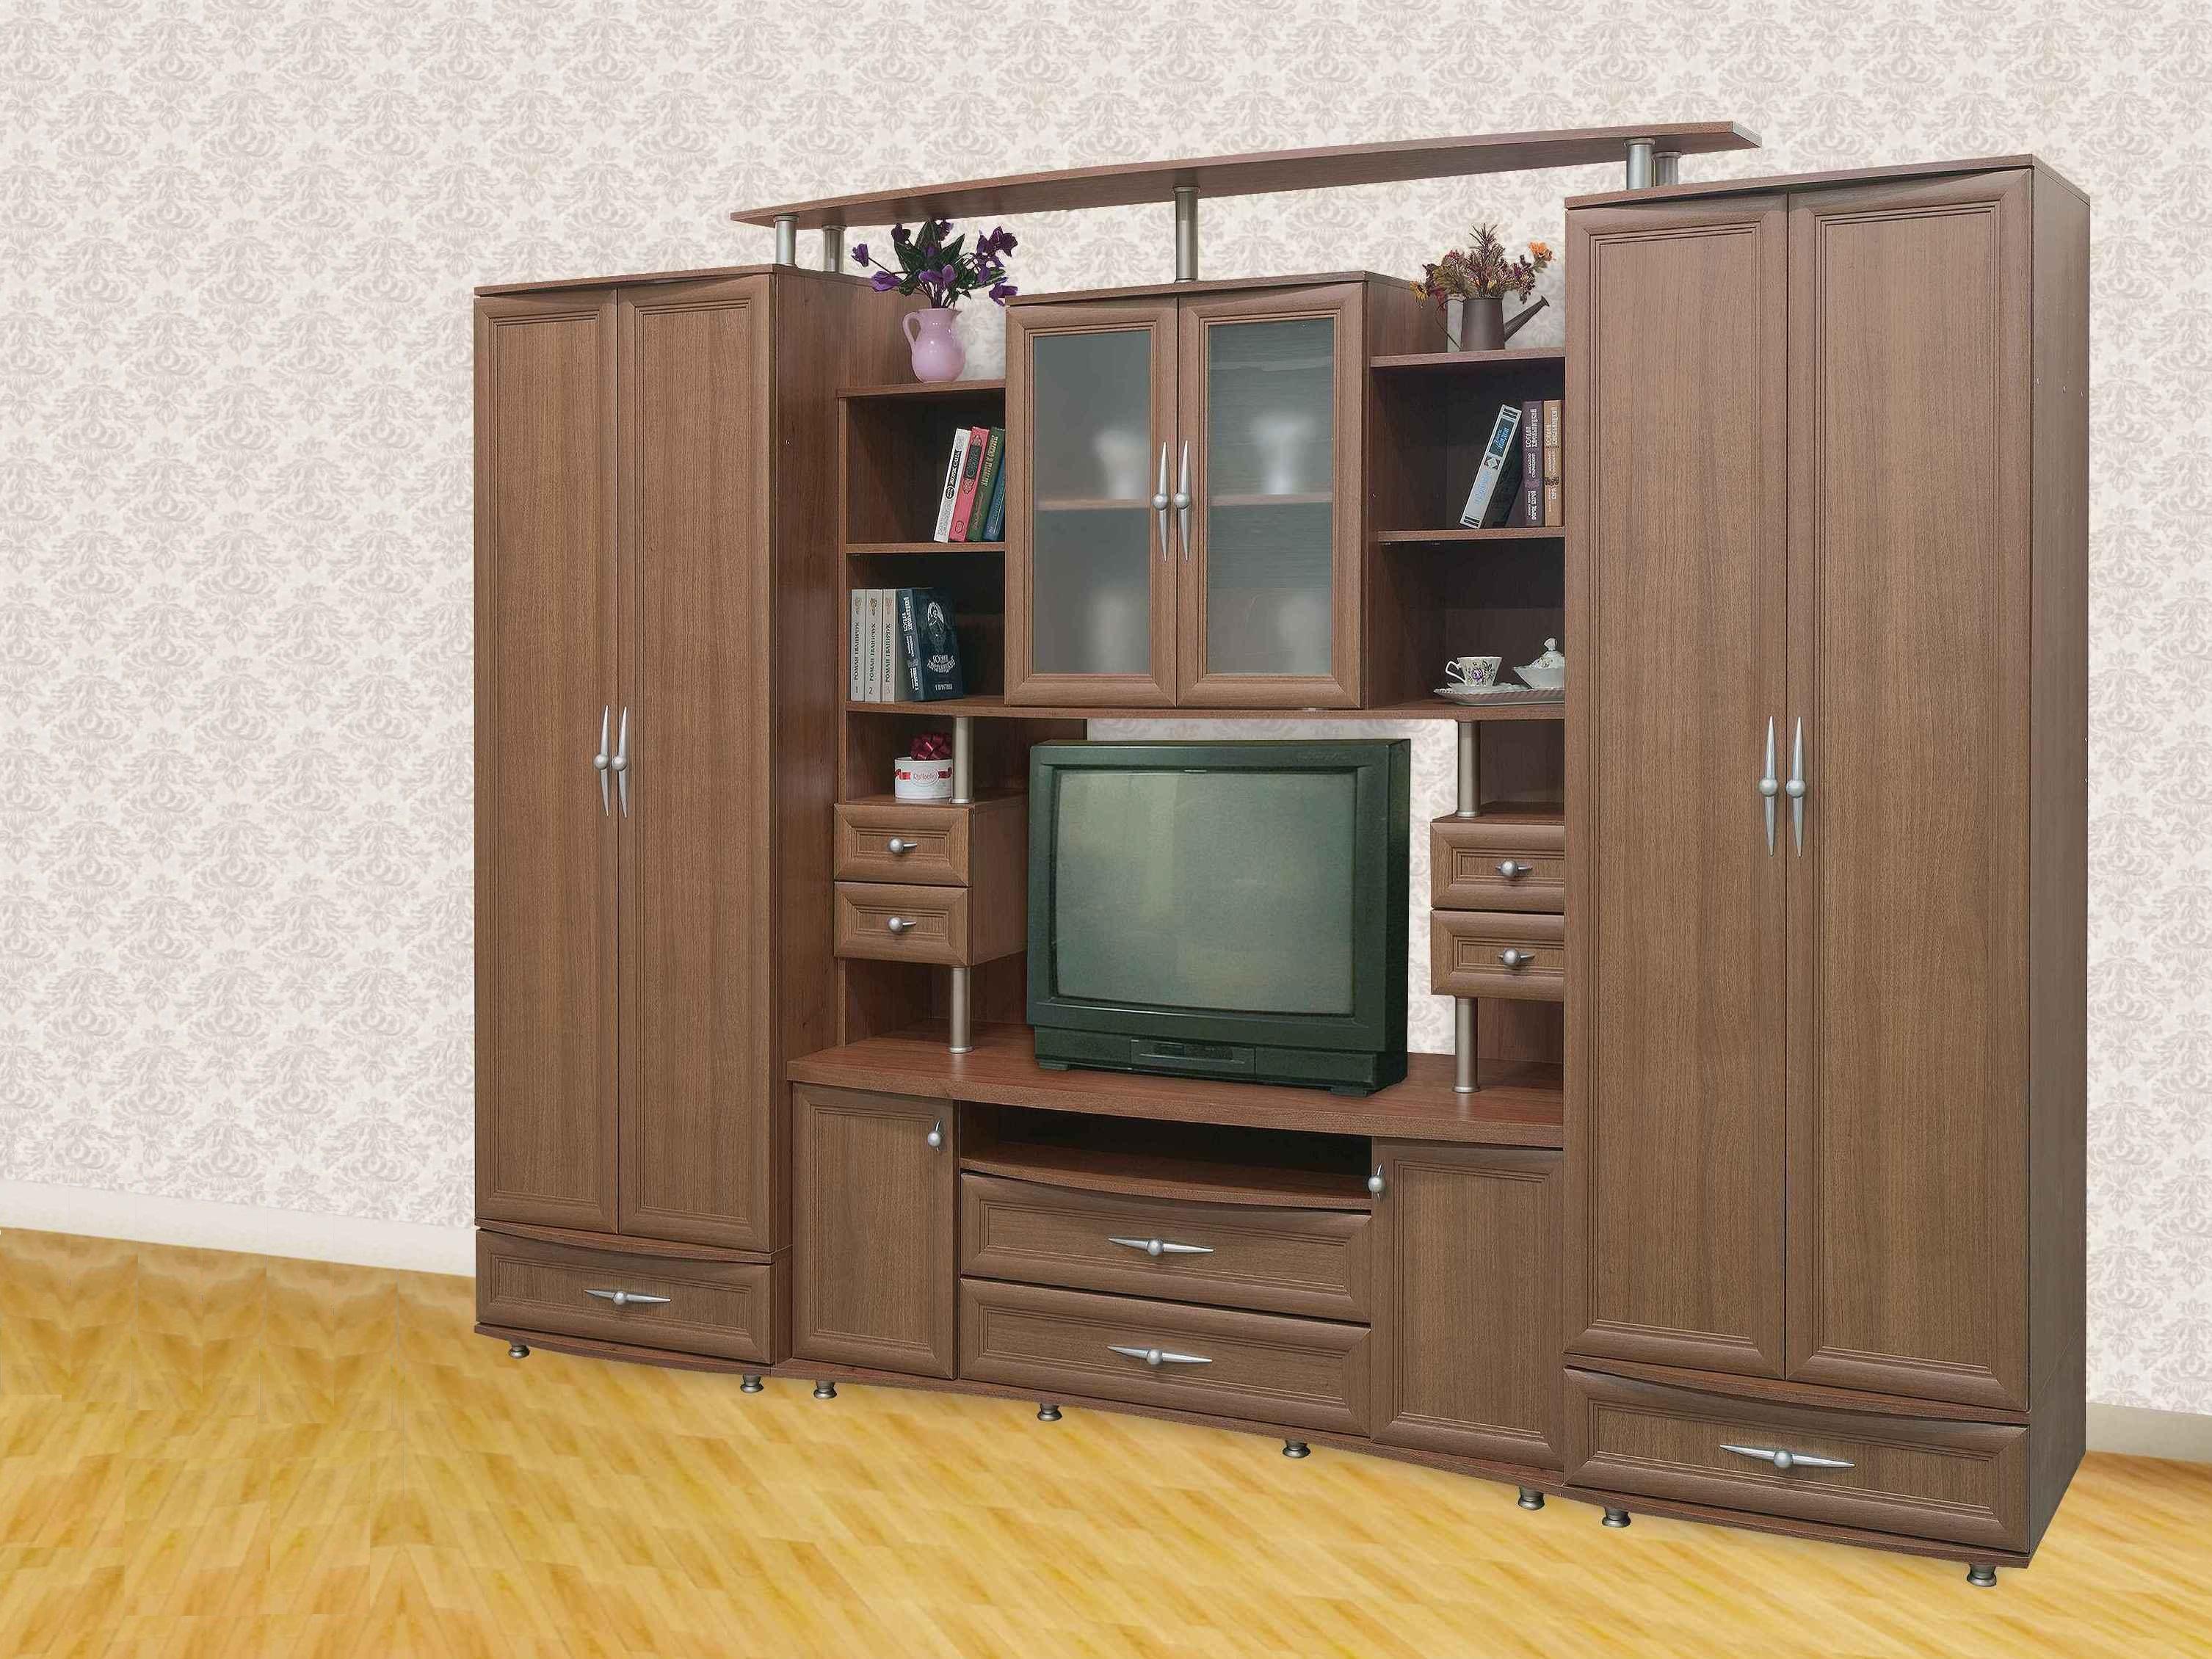 """Купить стенку в гостиную """"астек"""" купить мебель в интернет-ма."""